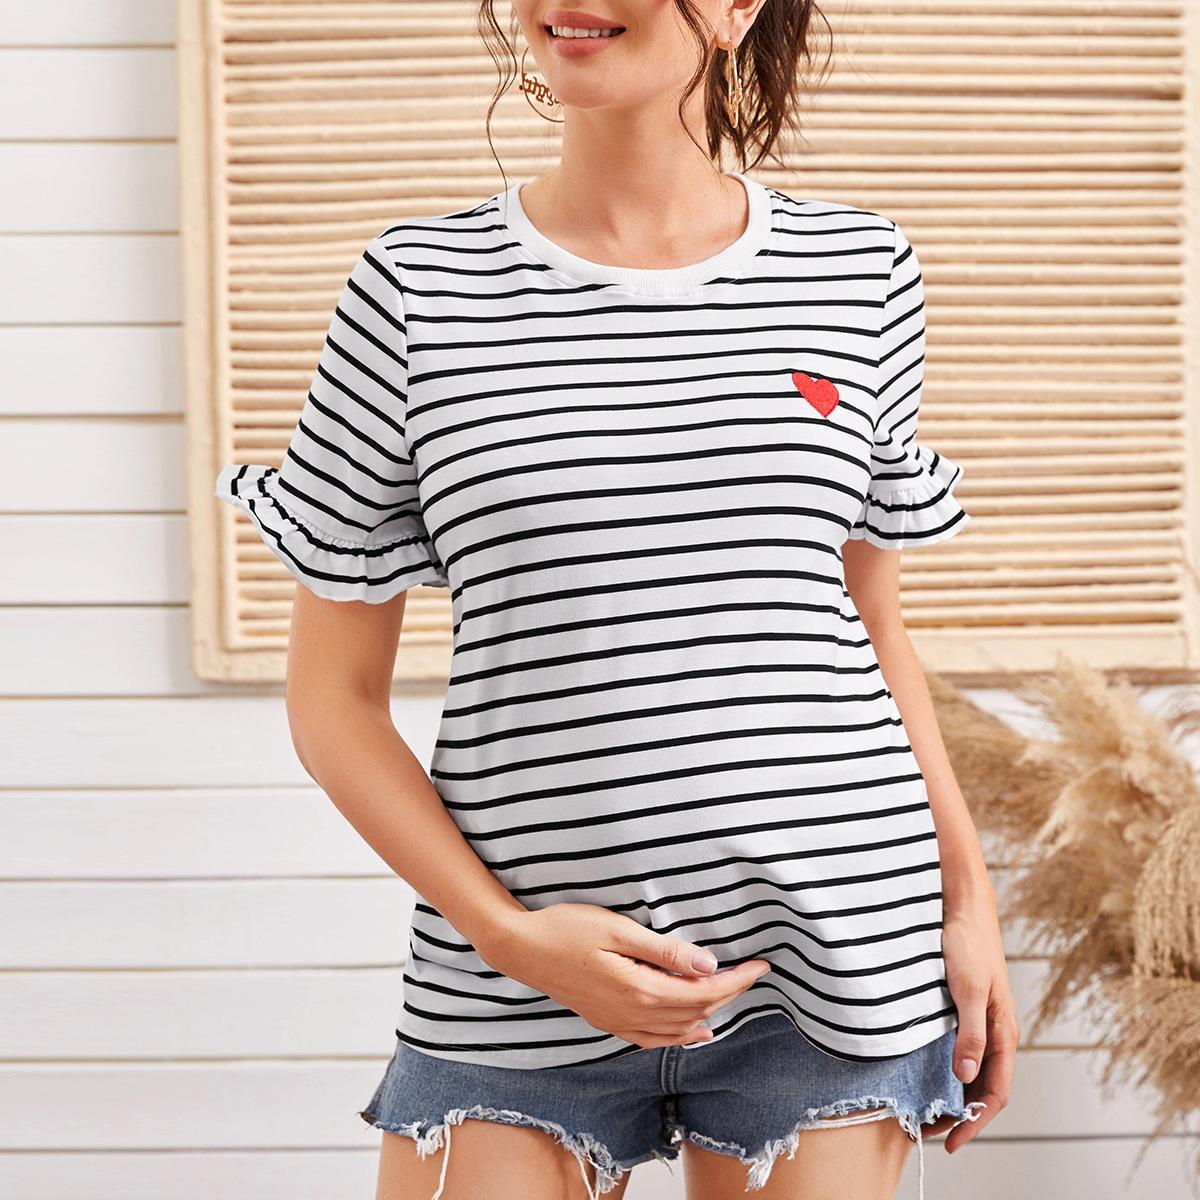 Полосатая футболка с вышивкой сердечка и оборкой для беременных от SHEIN